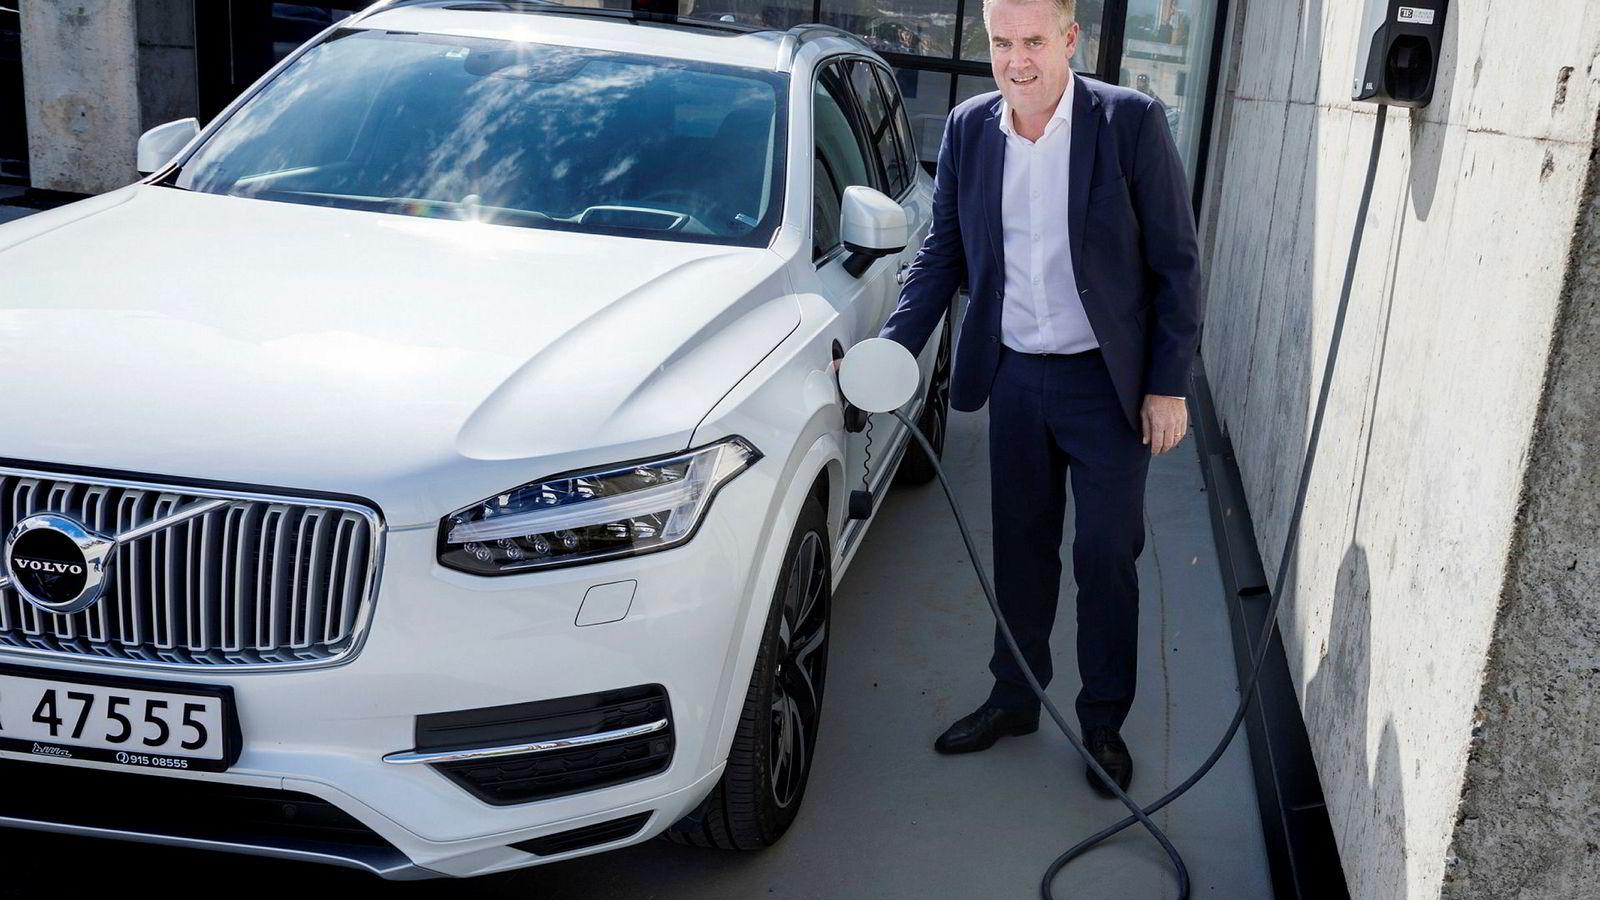 – Vi har biler som vi ikke vet hva vil koste etter nyttår, sier administrerende direktør Frode Hebnes i Bilia, om blant andre denne, en Volvo XC90. I liket med resten av bilbransjen etterlyser han en avklaring fra regjeringen av hvordan bilavgiftene skal beregnes.